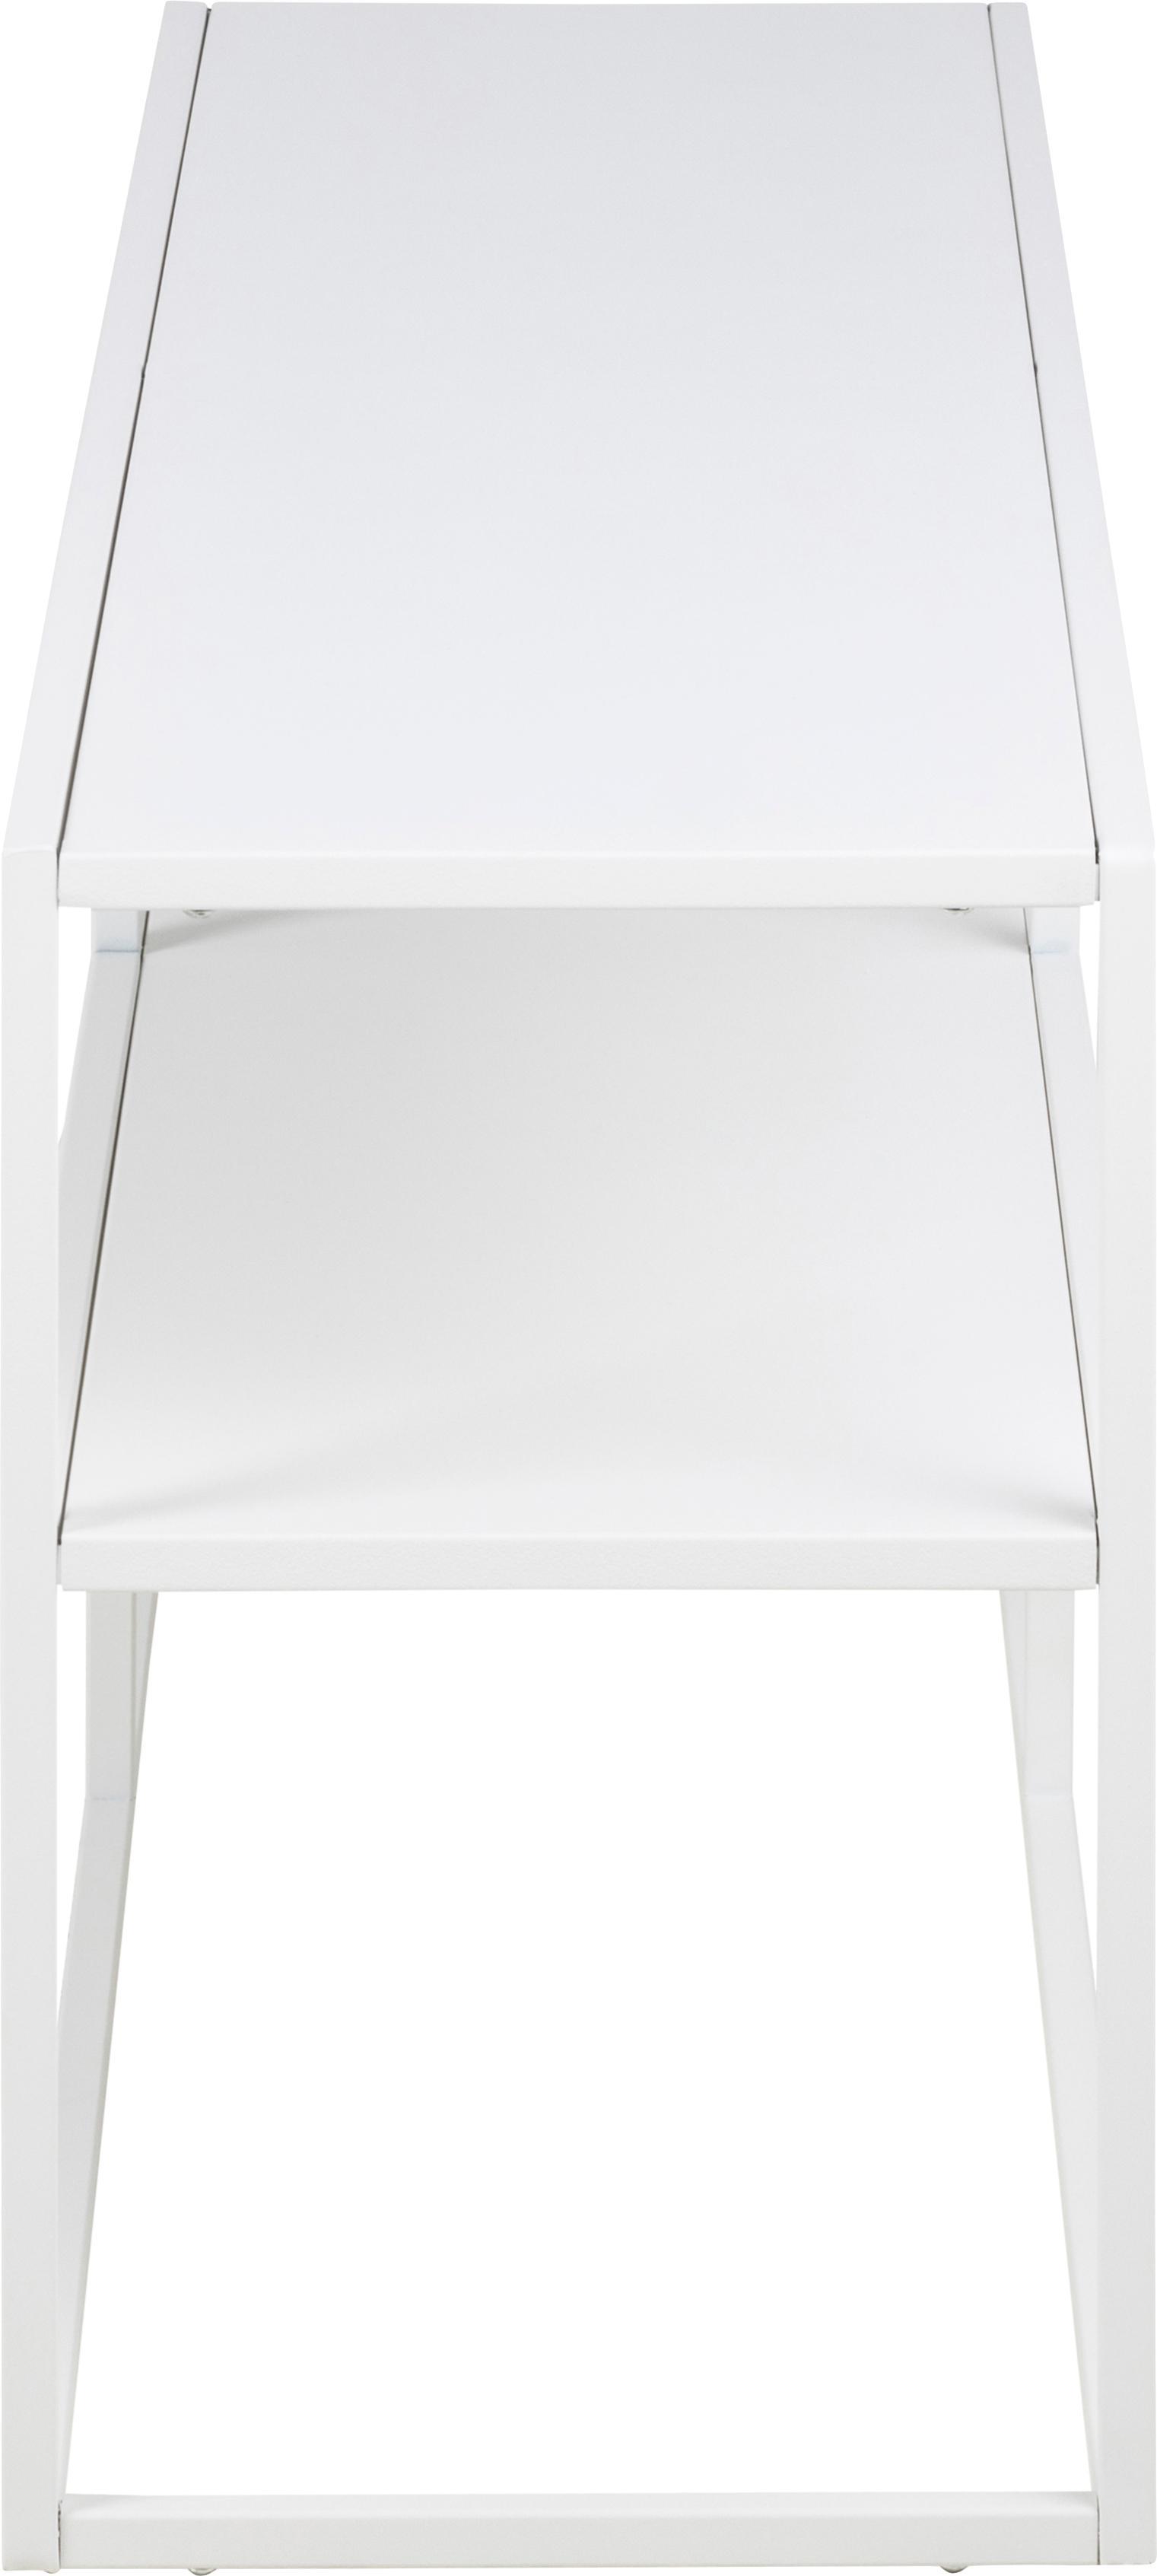 Metall-Lowboard Newton in Weiß, Metall, pulverbeschichtet, Weiß, 120 x 46 cm